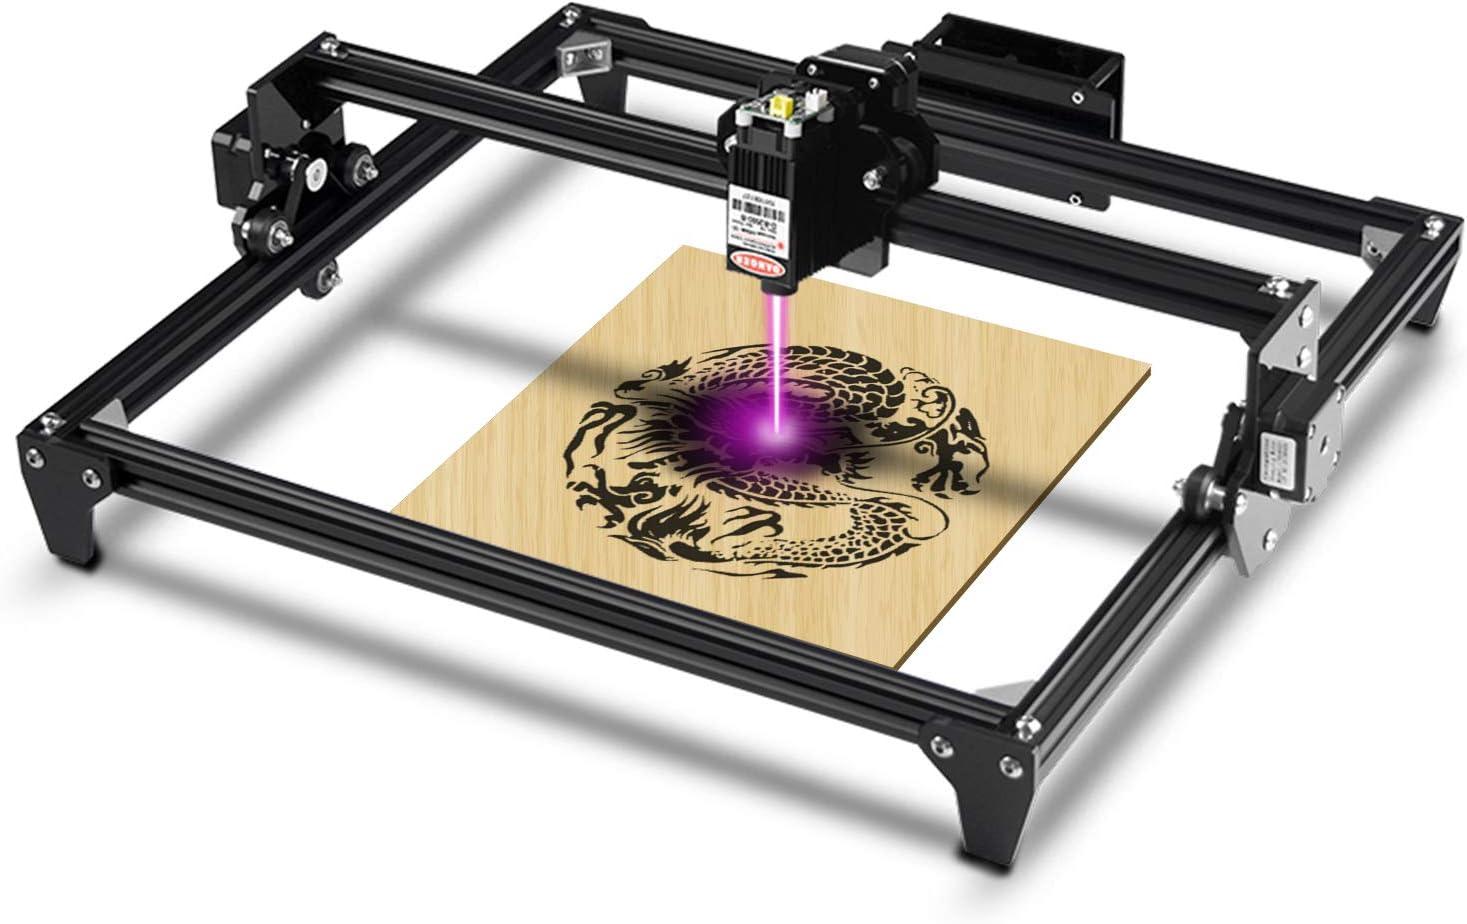 Totem Desktop Engraver Portable Engraving Carving Cutting DIY Machine 400x430mm 2.5w